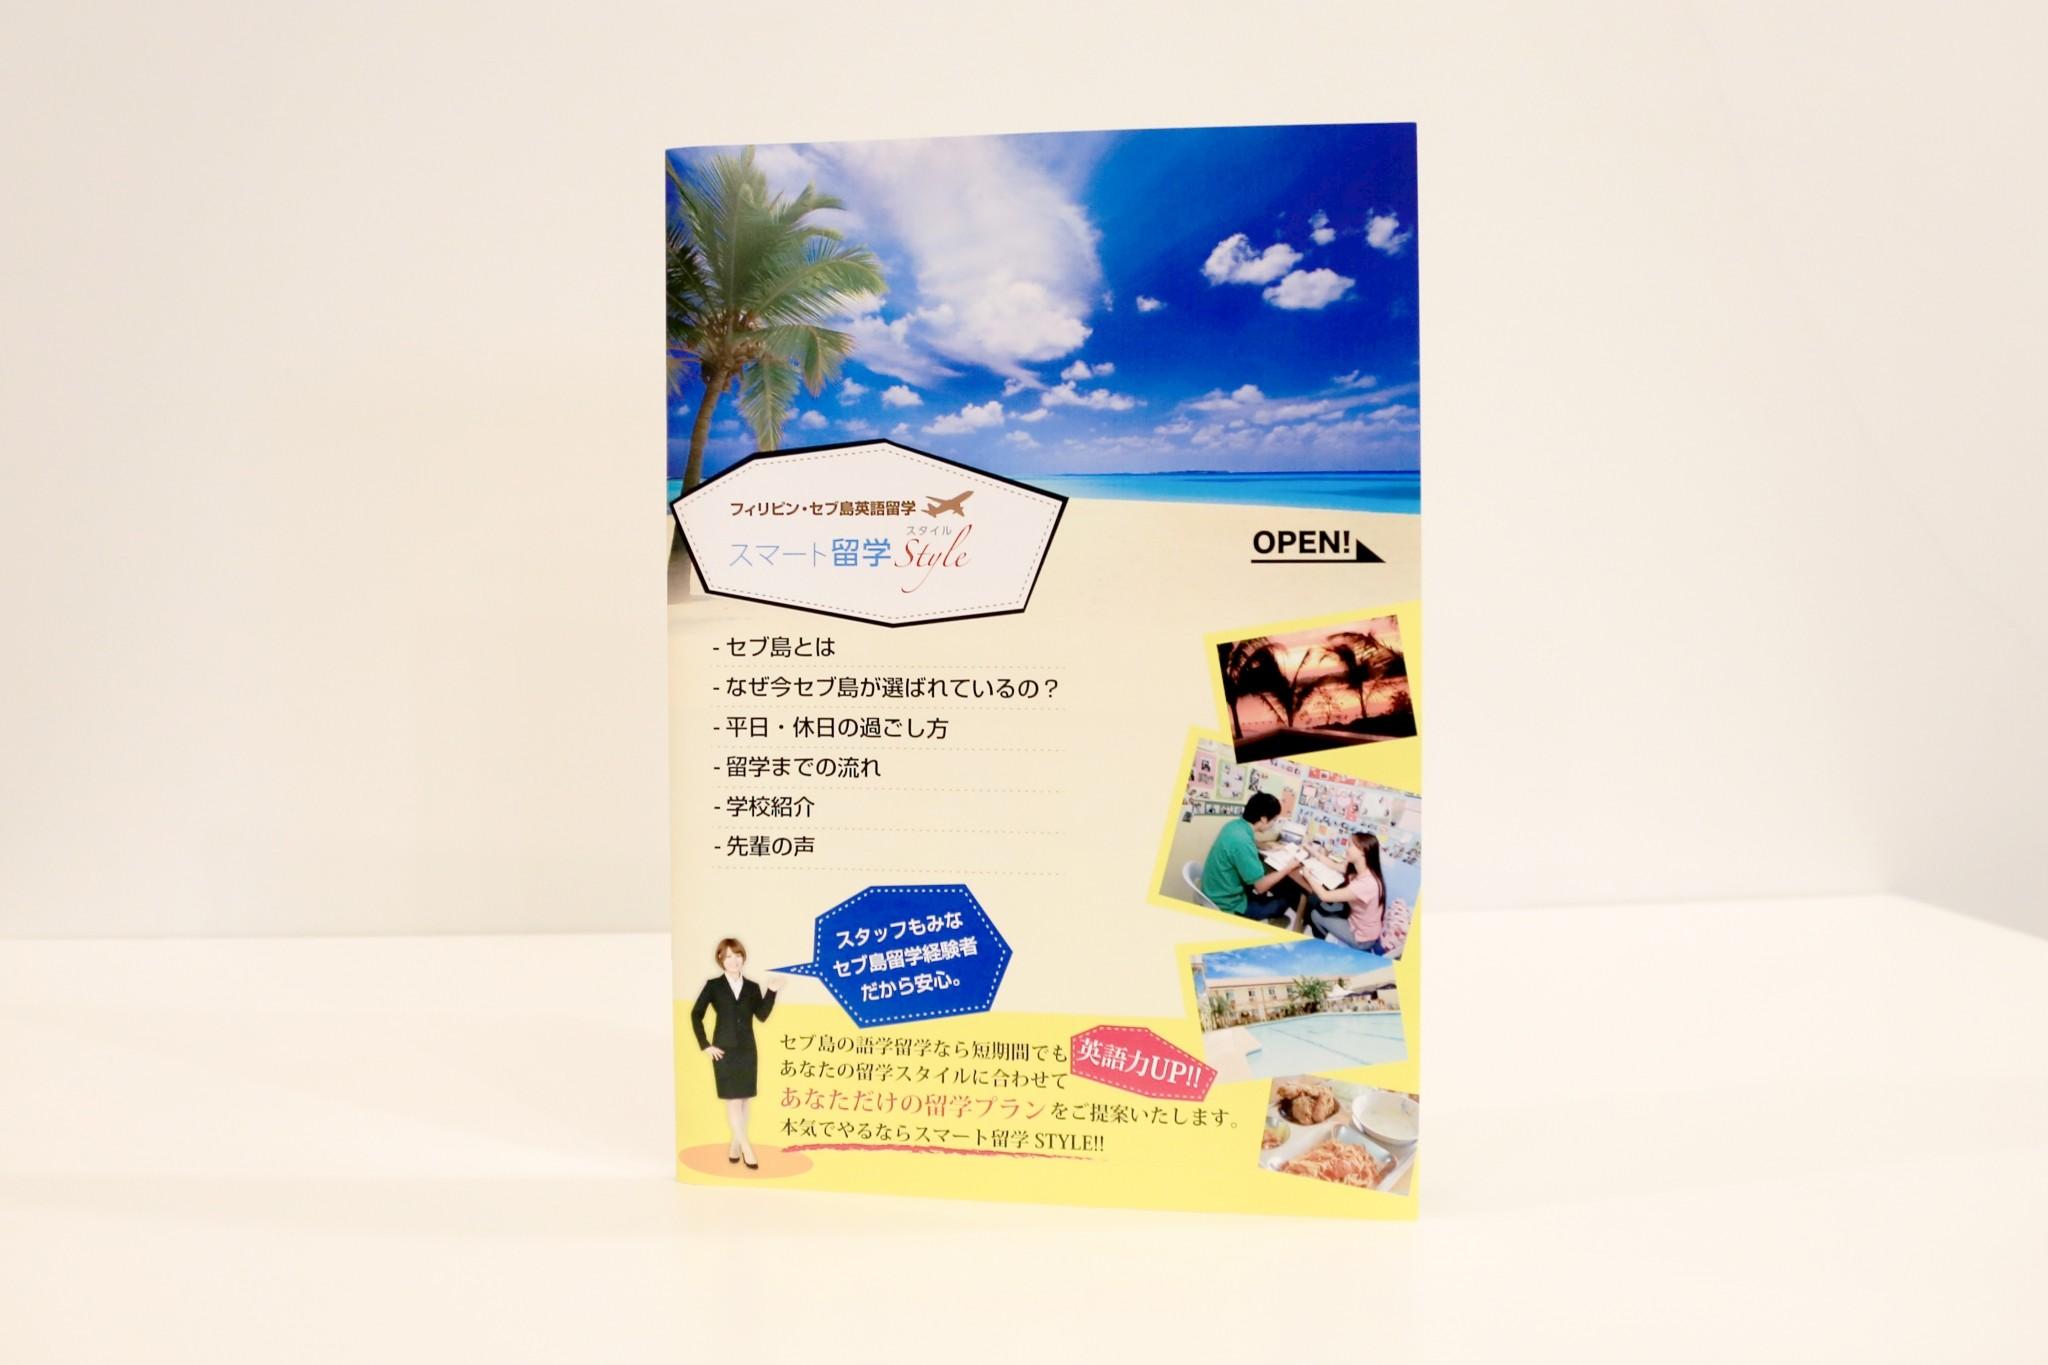 ホームページ・印刷物制作事例:スマート留学Style | パンフレット・ショップカード制作